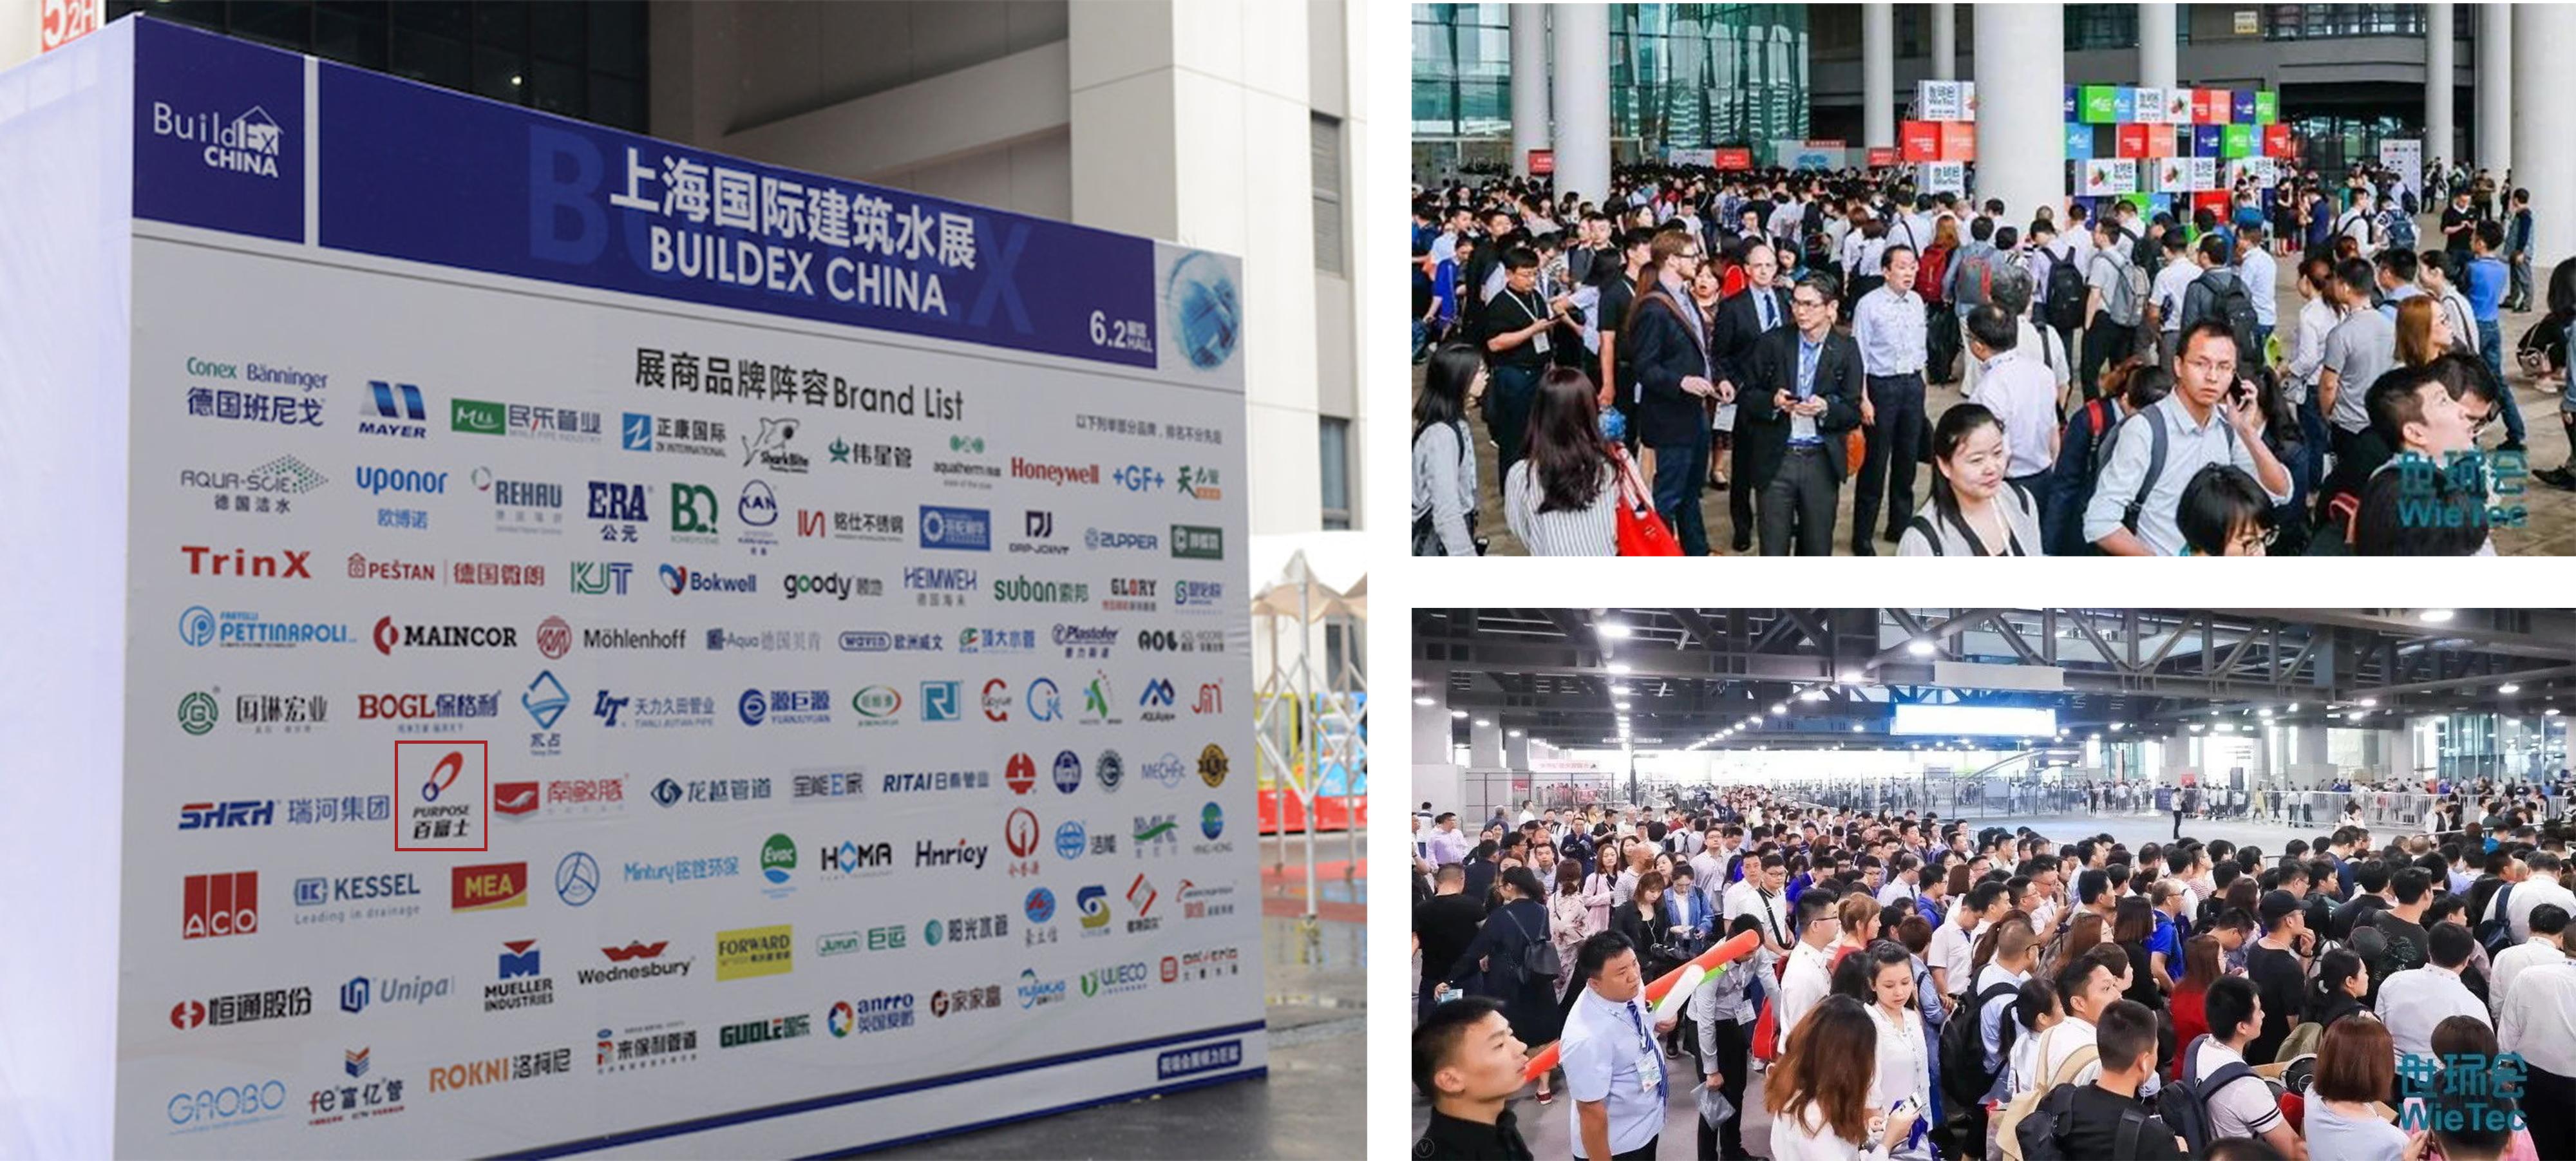 盛况空前-PURPOSE百富士一枝独秀上海国际建筑水展 展商动态 第2张